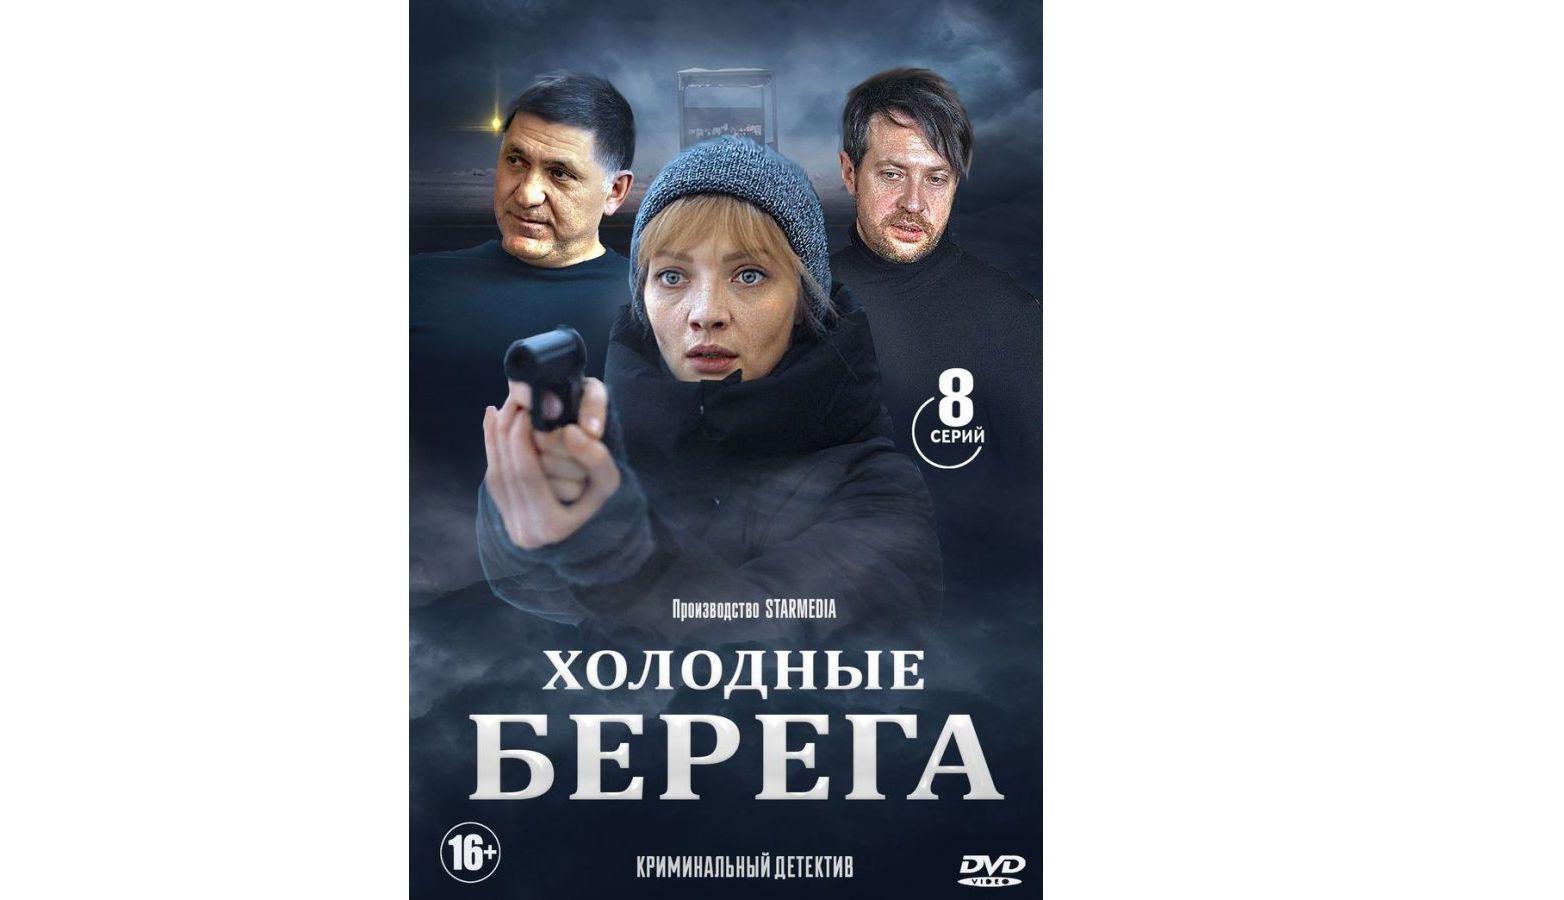 В Рыбинске пройдут съемки продолжения отечественного триллера «Холодные берега»